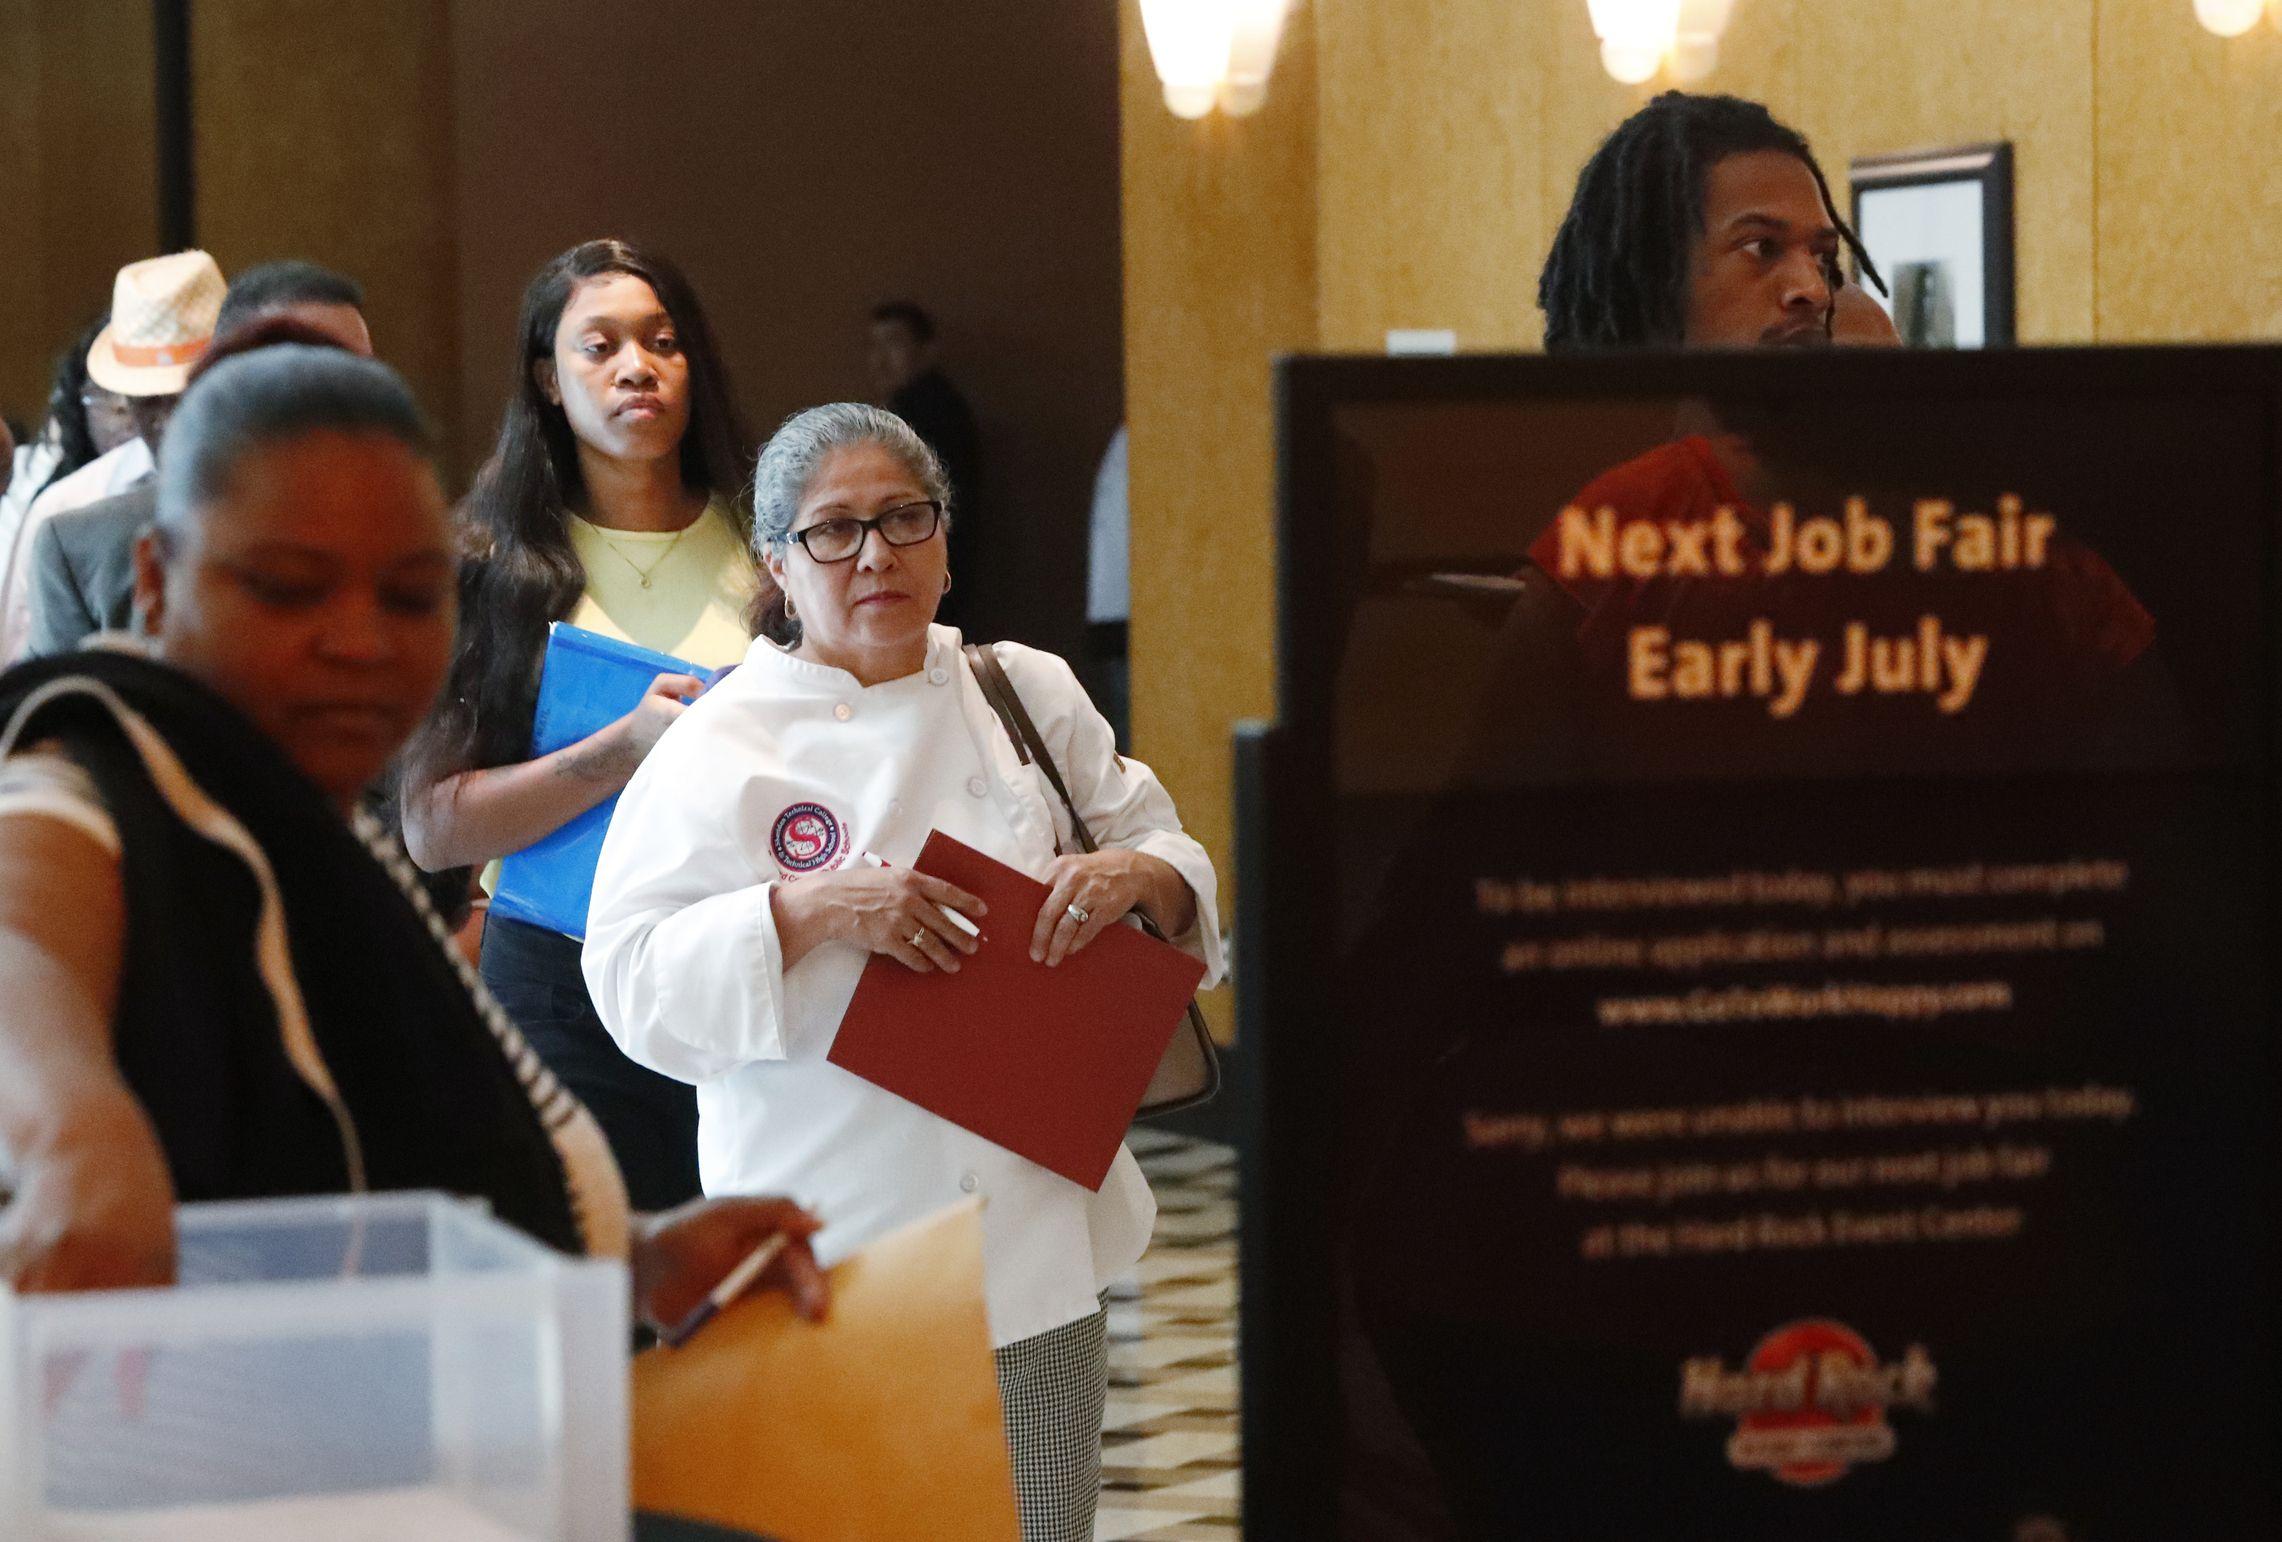 empresas de eeuu anaden apenas 194.000 empleos en septiembre